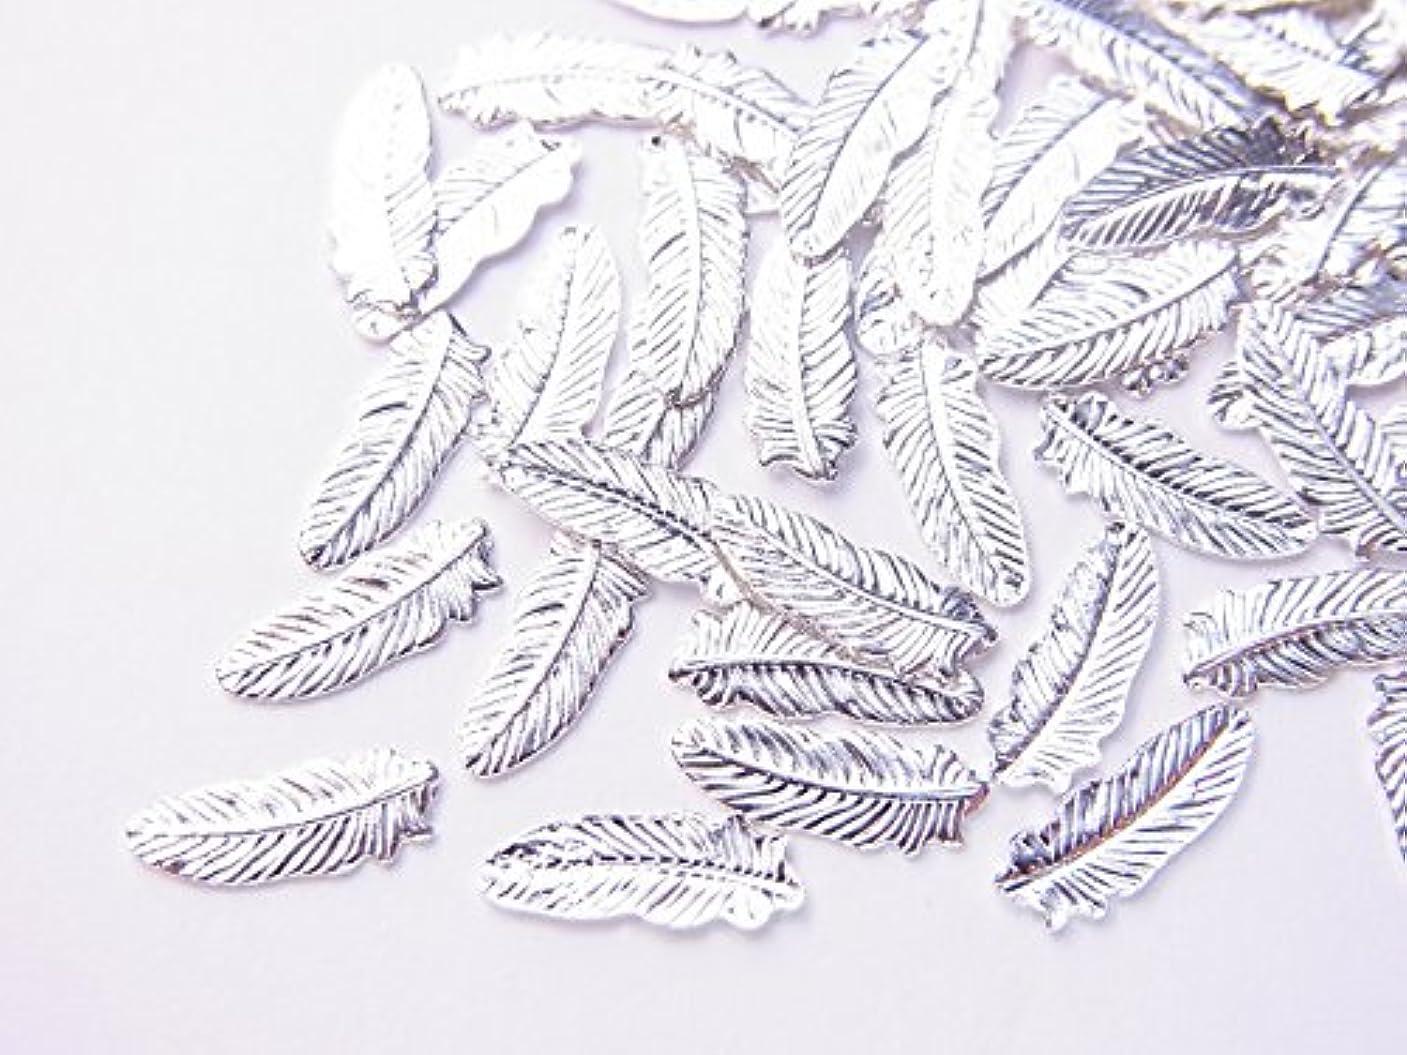 平行変装した過度の【jewel】薄型ネイルパーツ フェザー大 約8.2mm×3mm 10個入り シルバー 手芸 素材 アートパーツ デコ素材